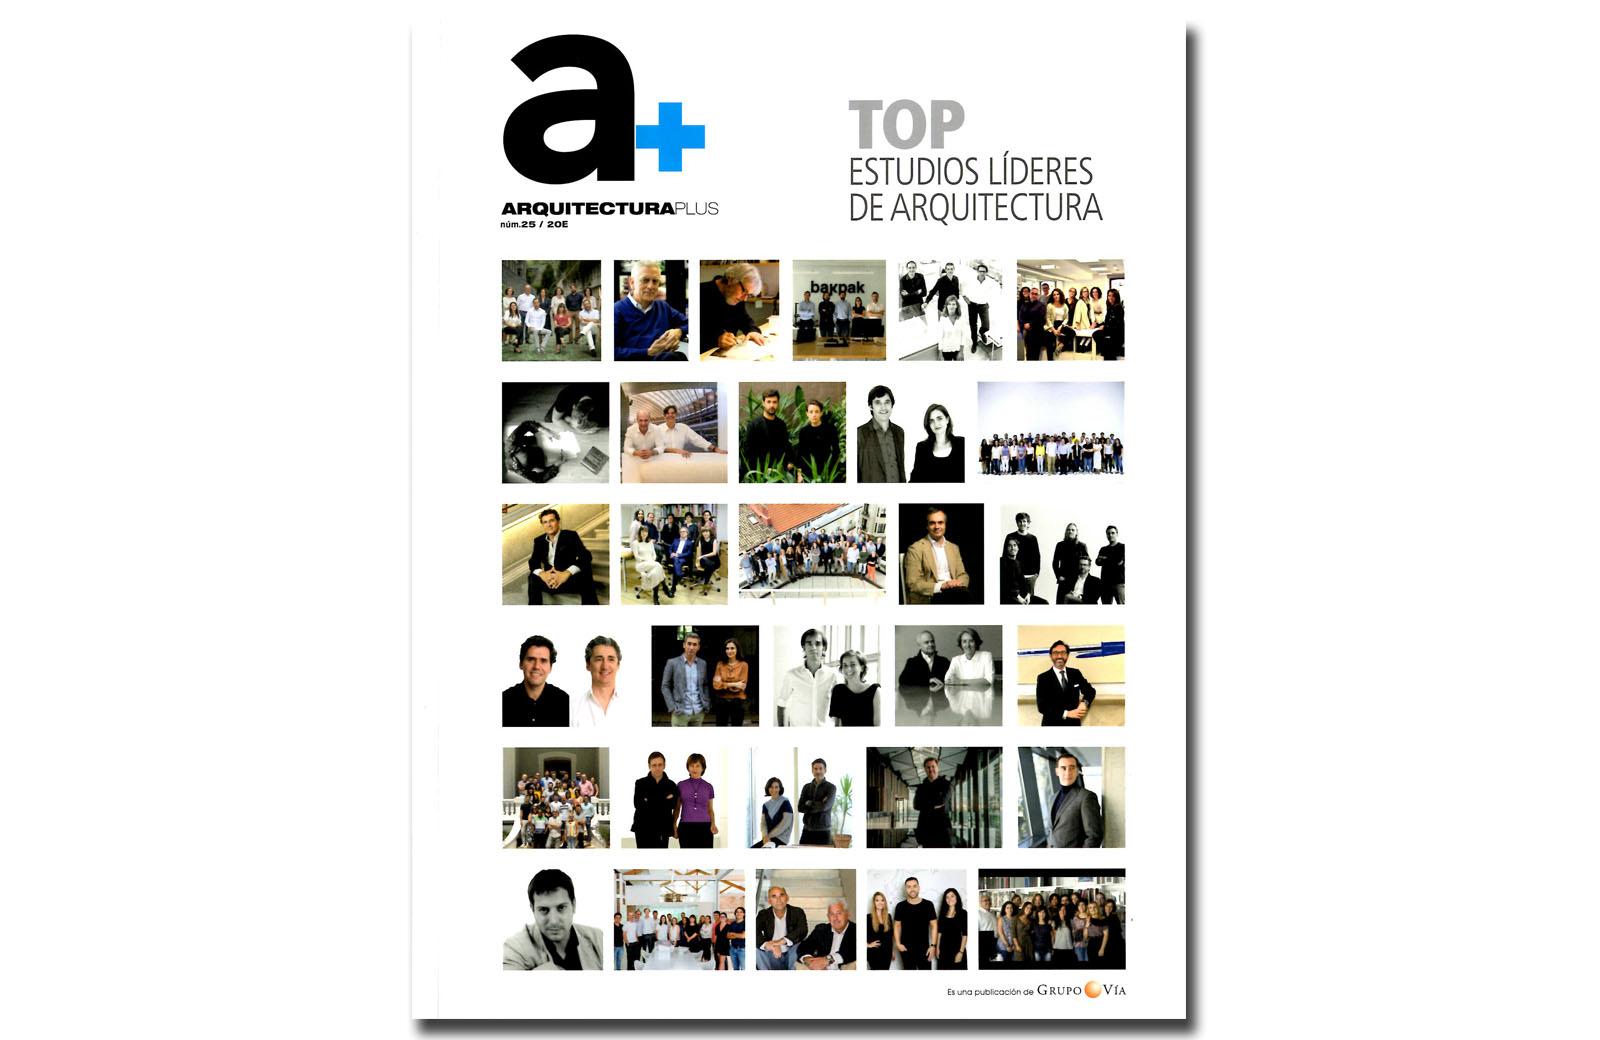 arquitecturaplus_bookcover_